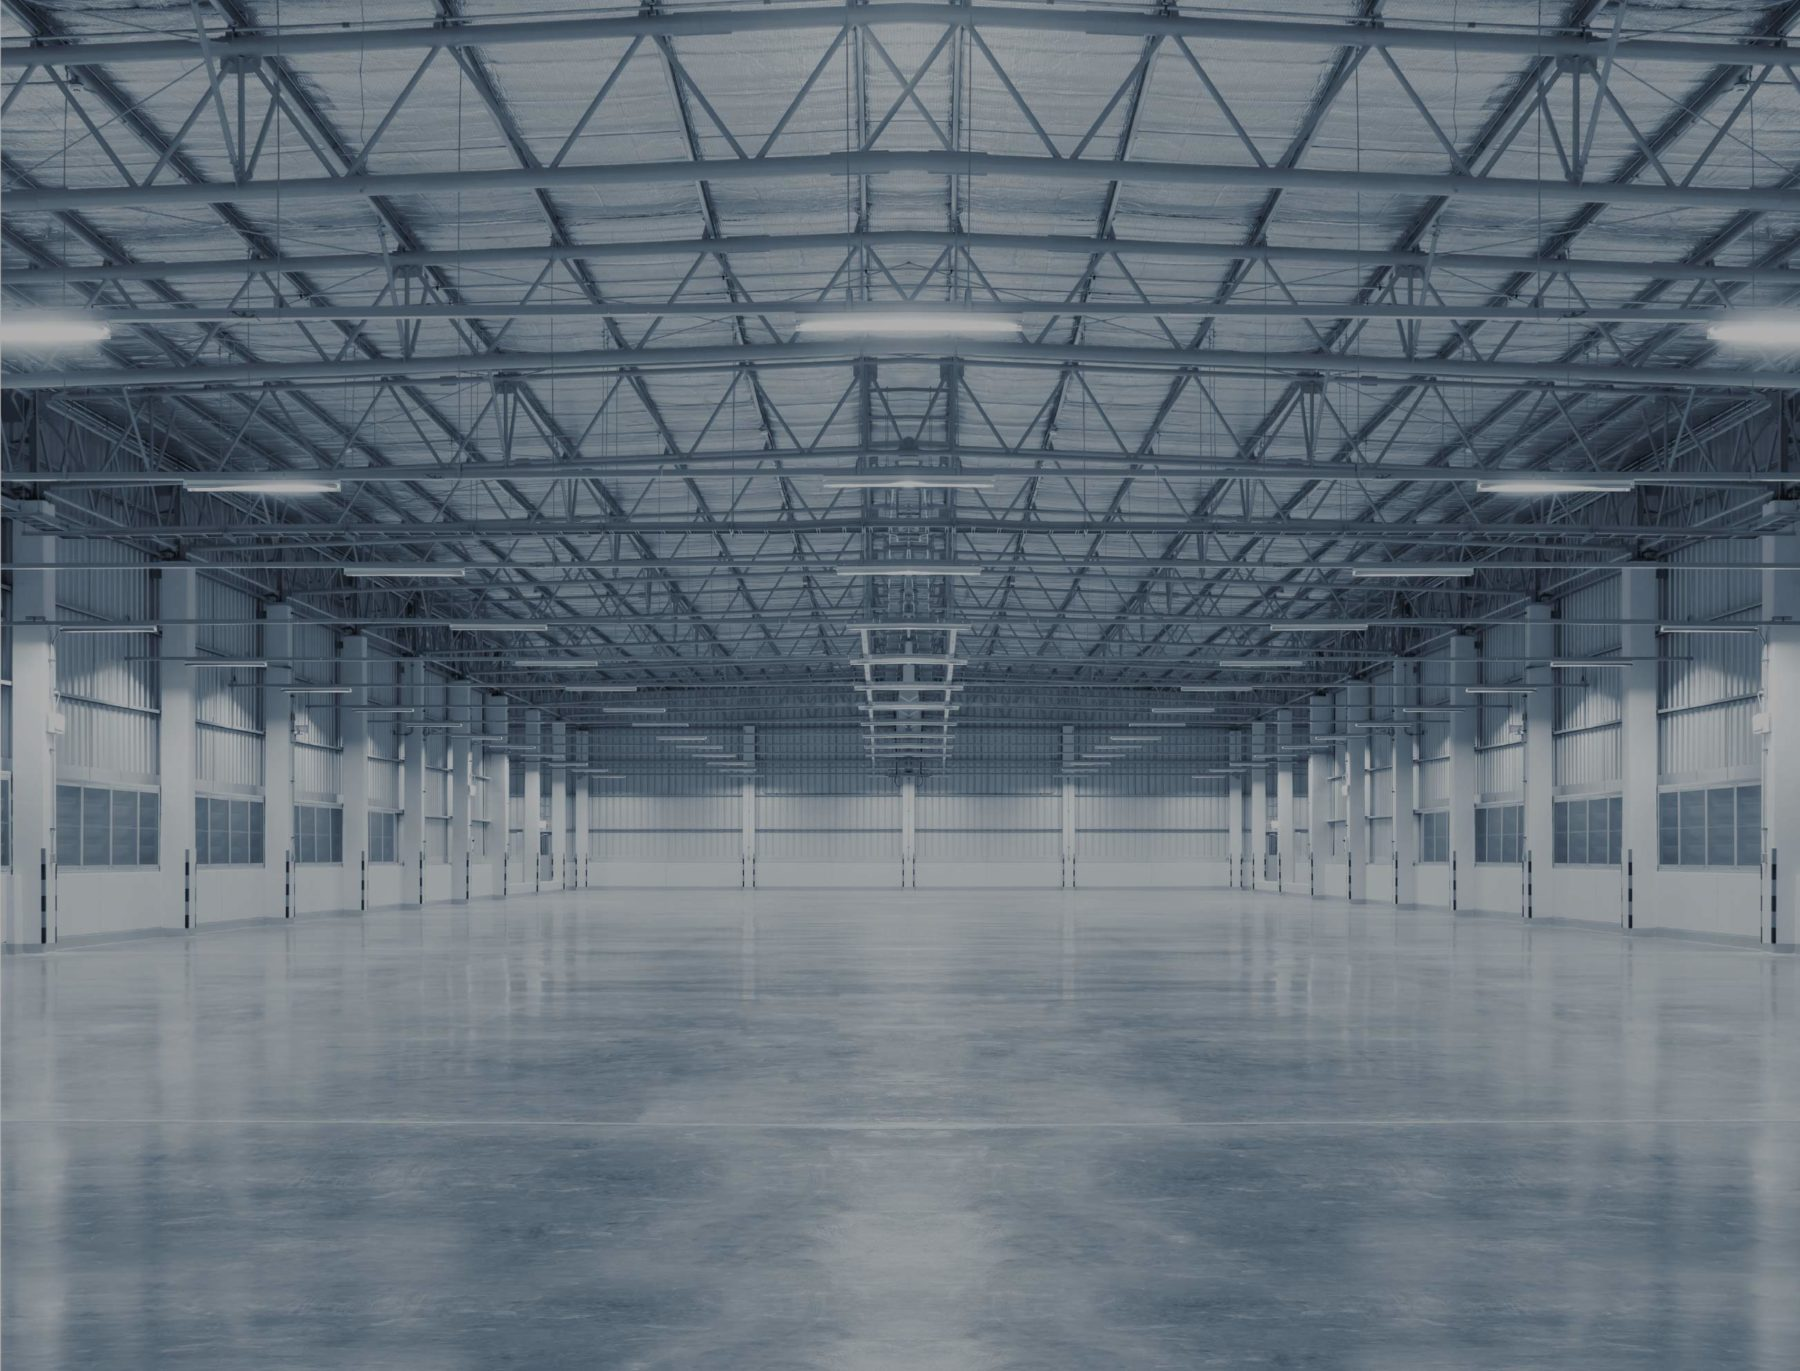 Immobilier industriel intérieur usine stockage entrepôt marchandises